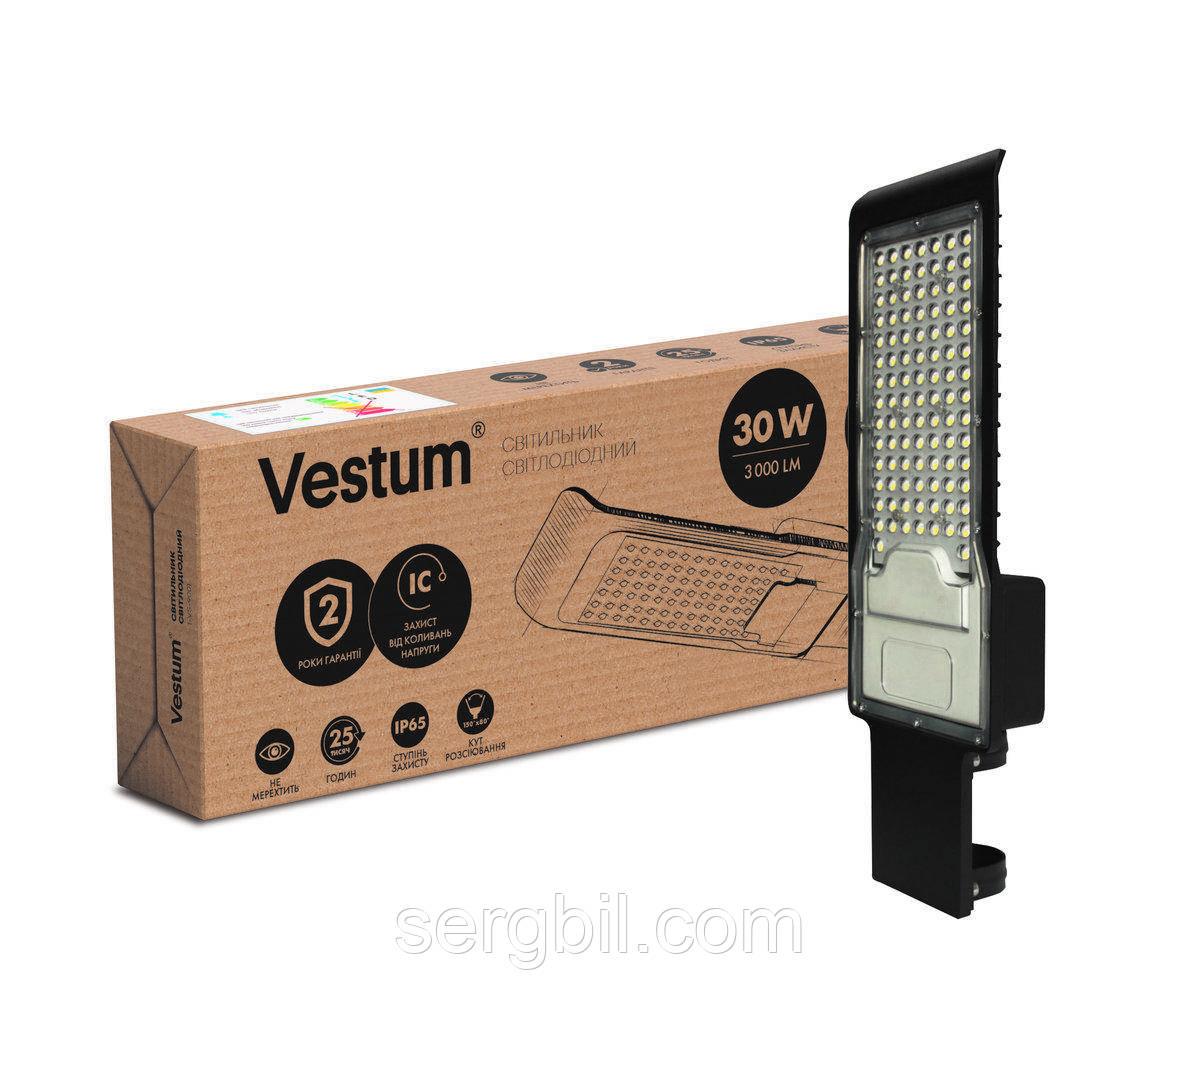 Светильник консольный LED Vestum 30W 3000Лм 6500K 85-265V IP65